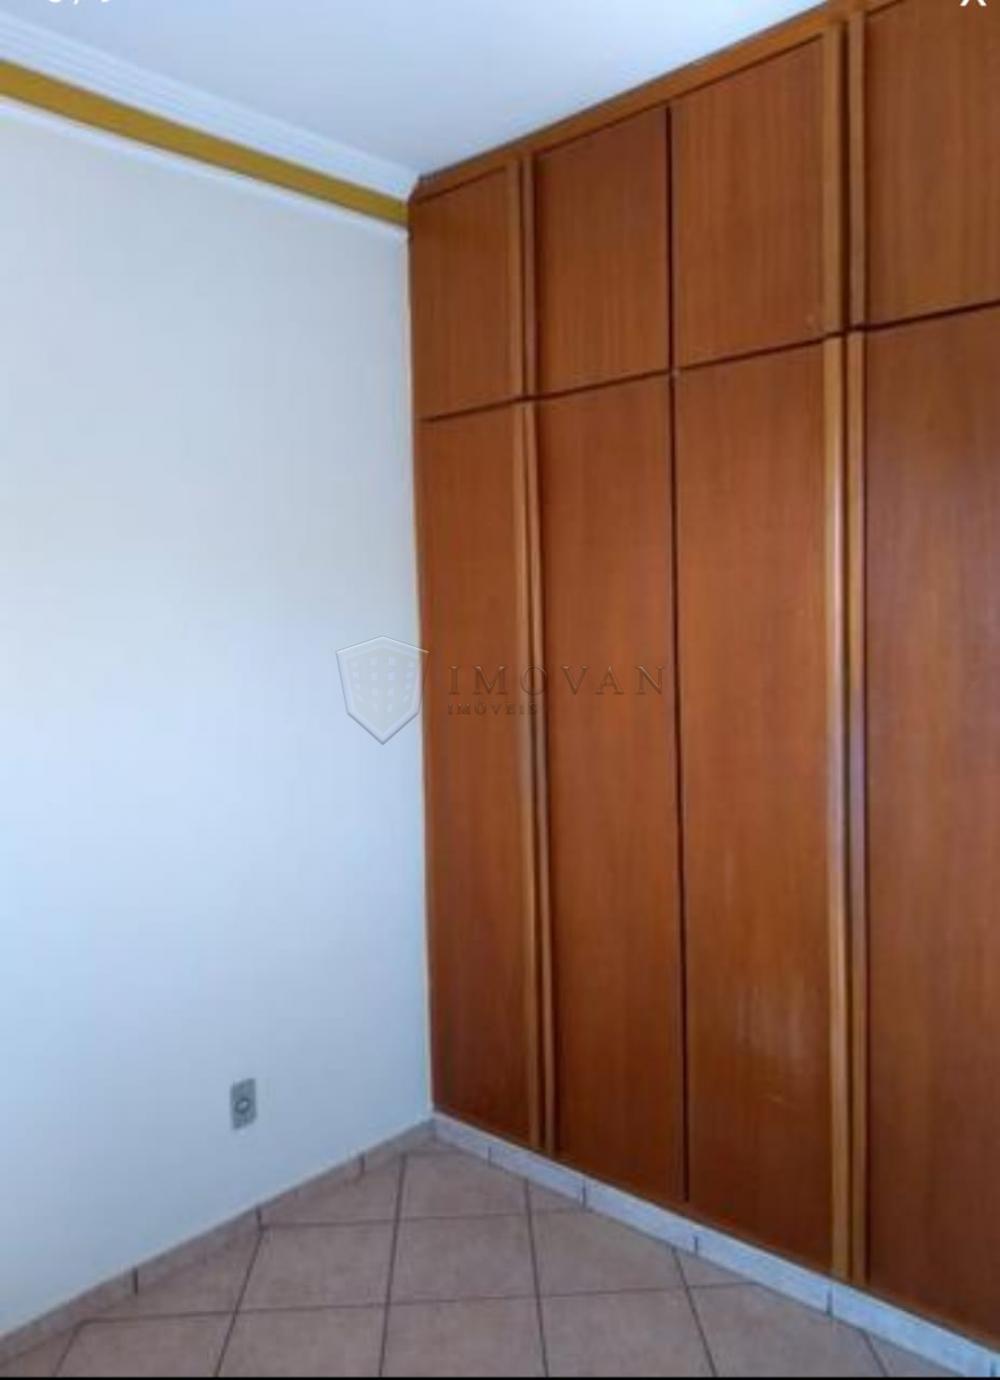 Comprar Apartamento / Padrão em Ribeirão Preto apenas R$ 168.000,00 - Foto 4